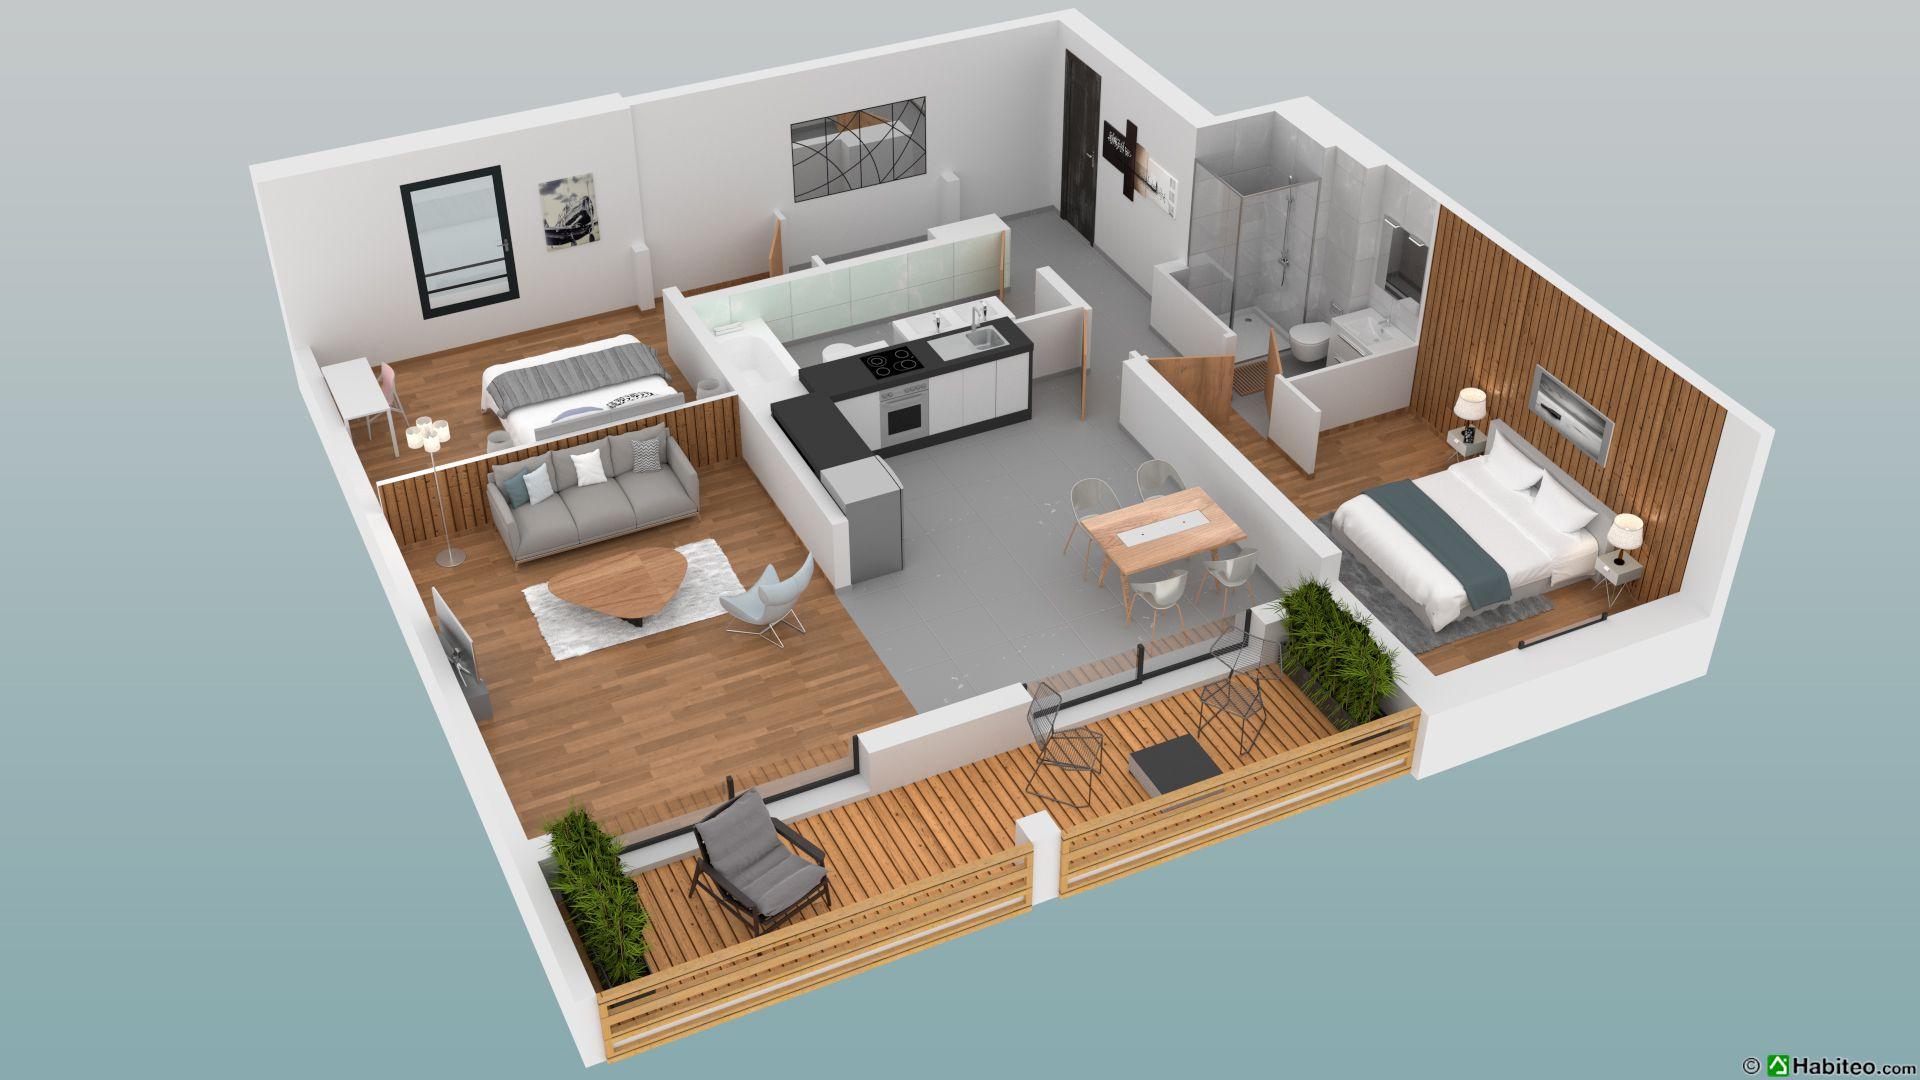 2 BEDROOM 79 M2 APARTMENT IN NEW LUXURY DEVELOPMENT, CHAMONIX LES PRAZ